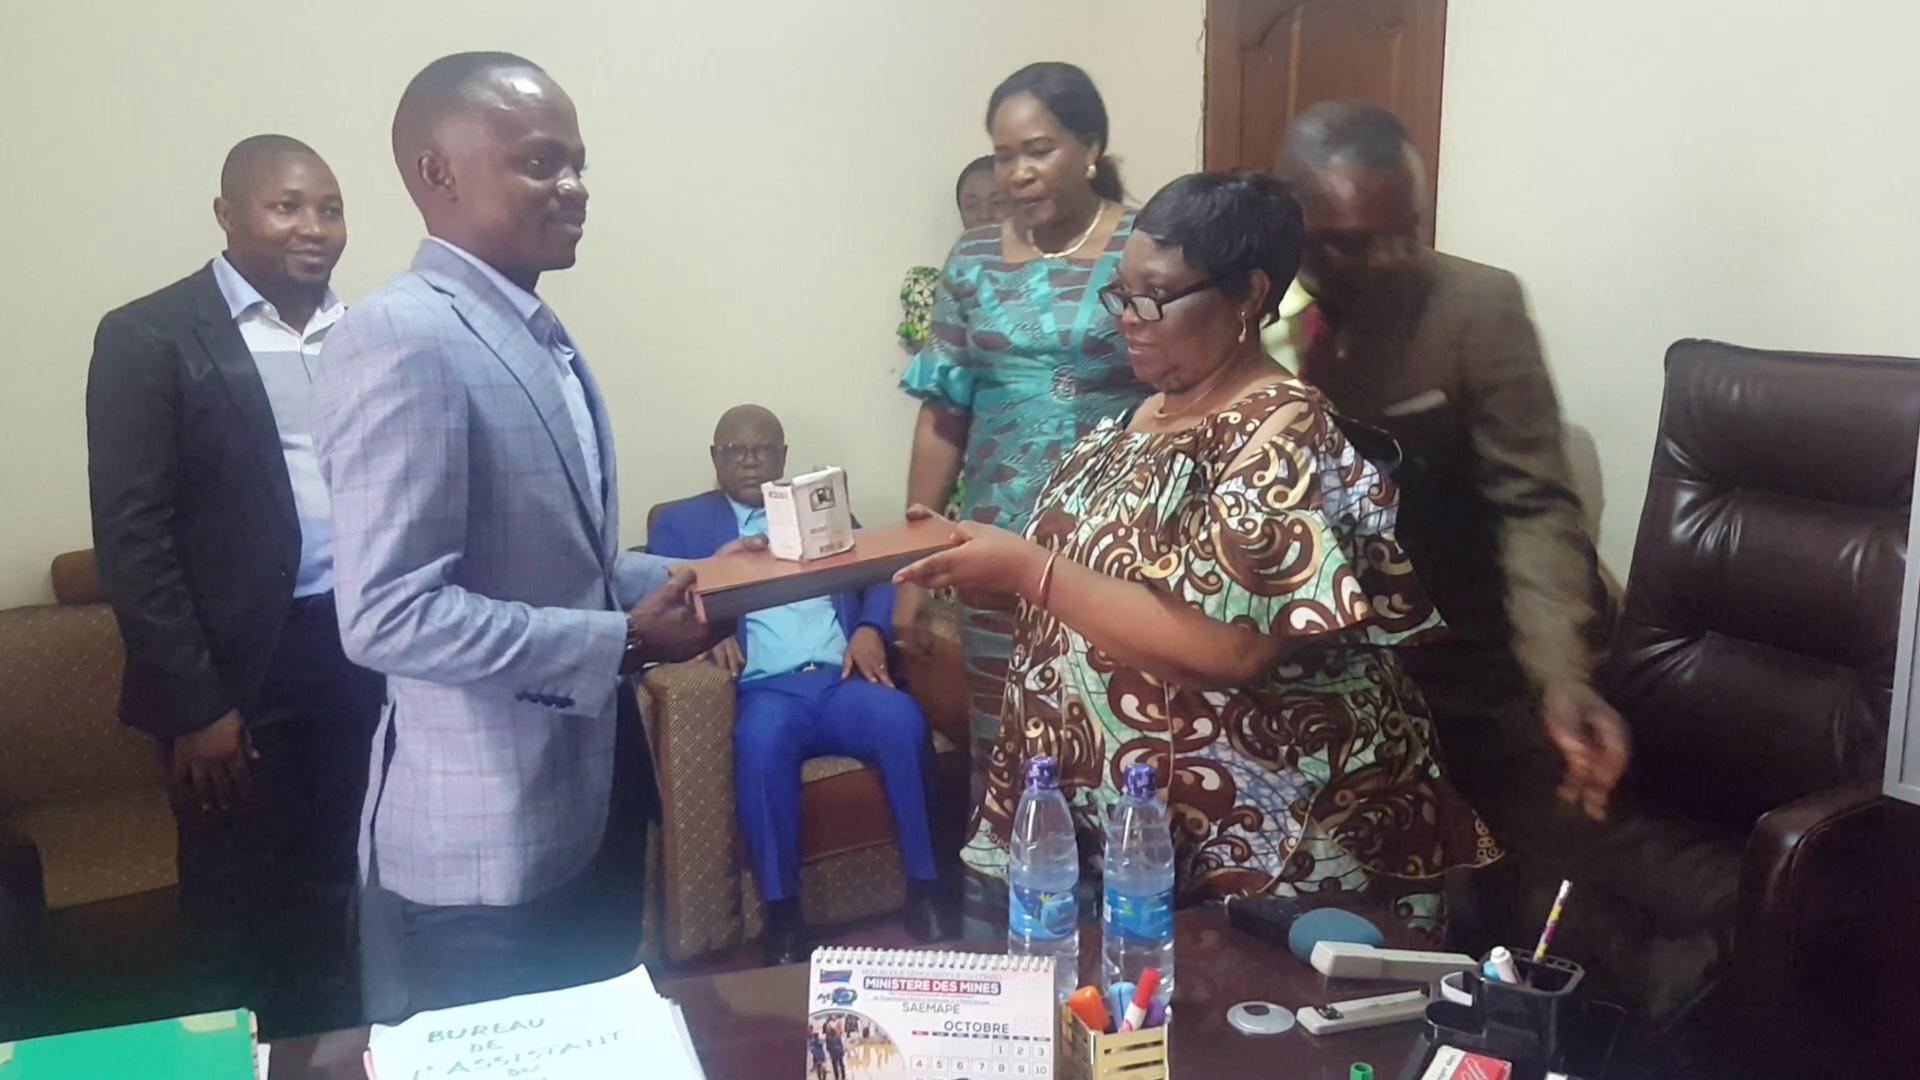 Sud-Kivu : Augmenter le nombres de Zones d'exploitation artisanale des minerais, combattre la fraude de déclaration minière; parmi les objectifs  de Théophile BASOSHI le nouveau directeur provincial de SAEMAPE.